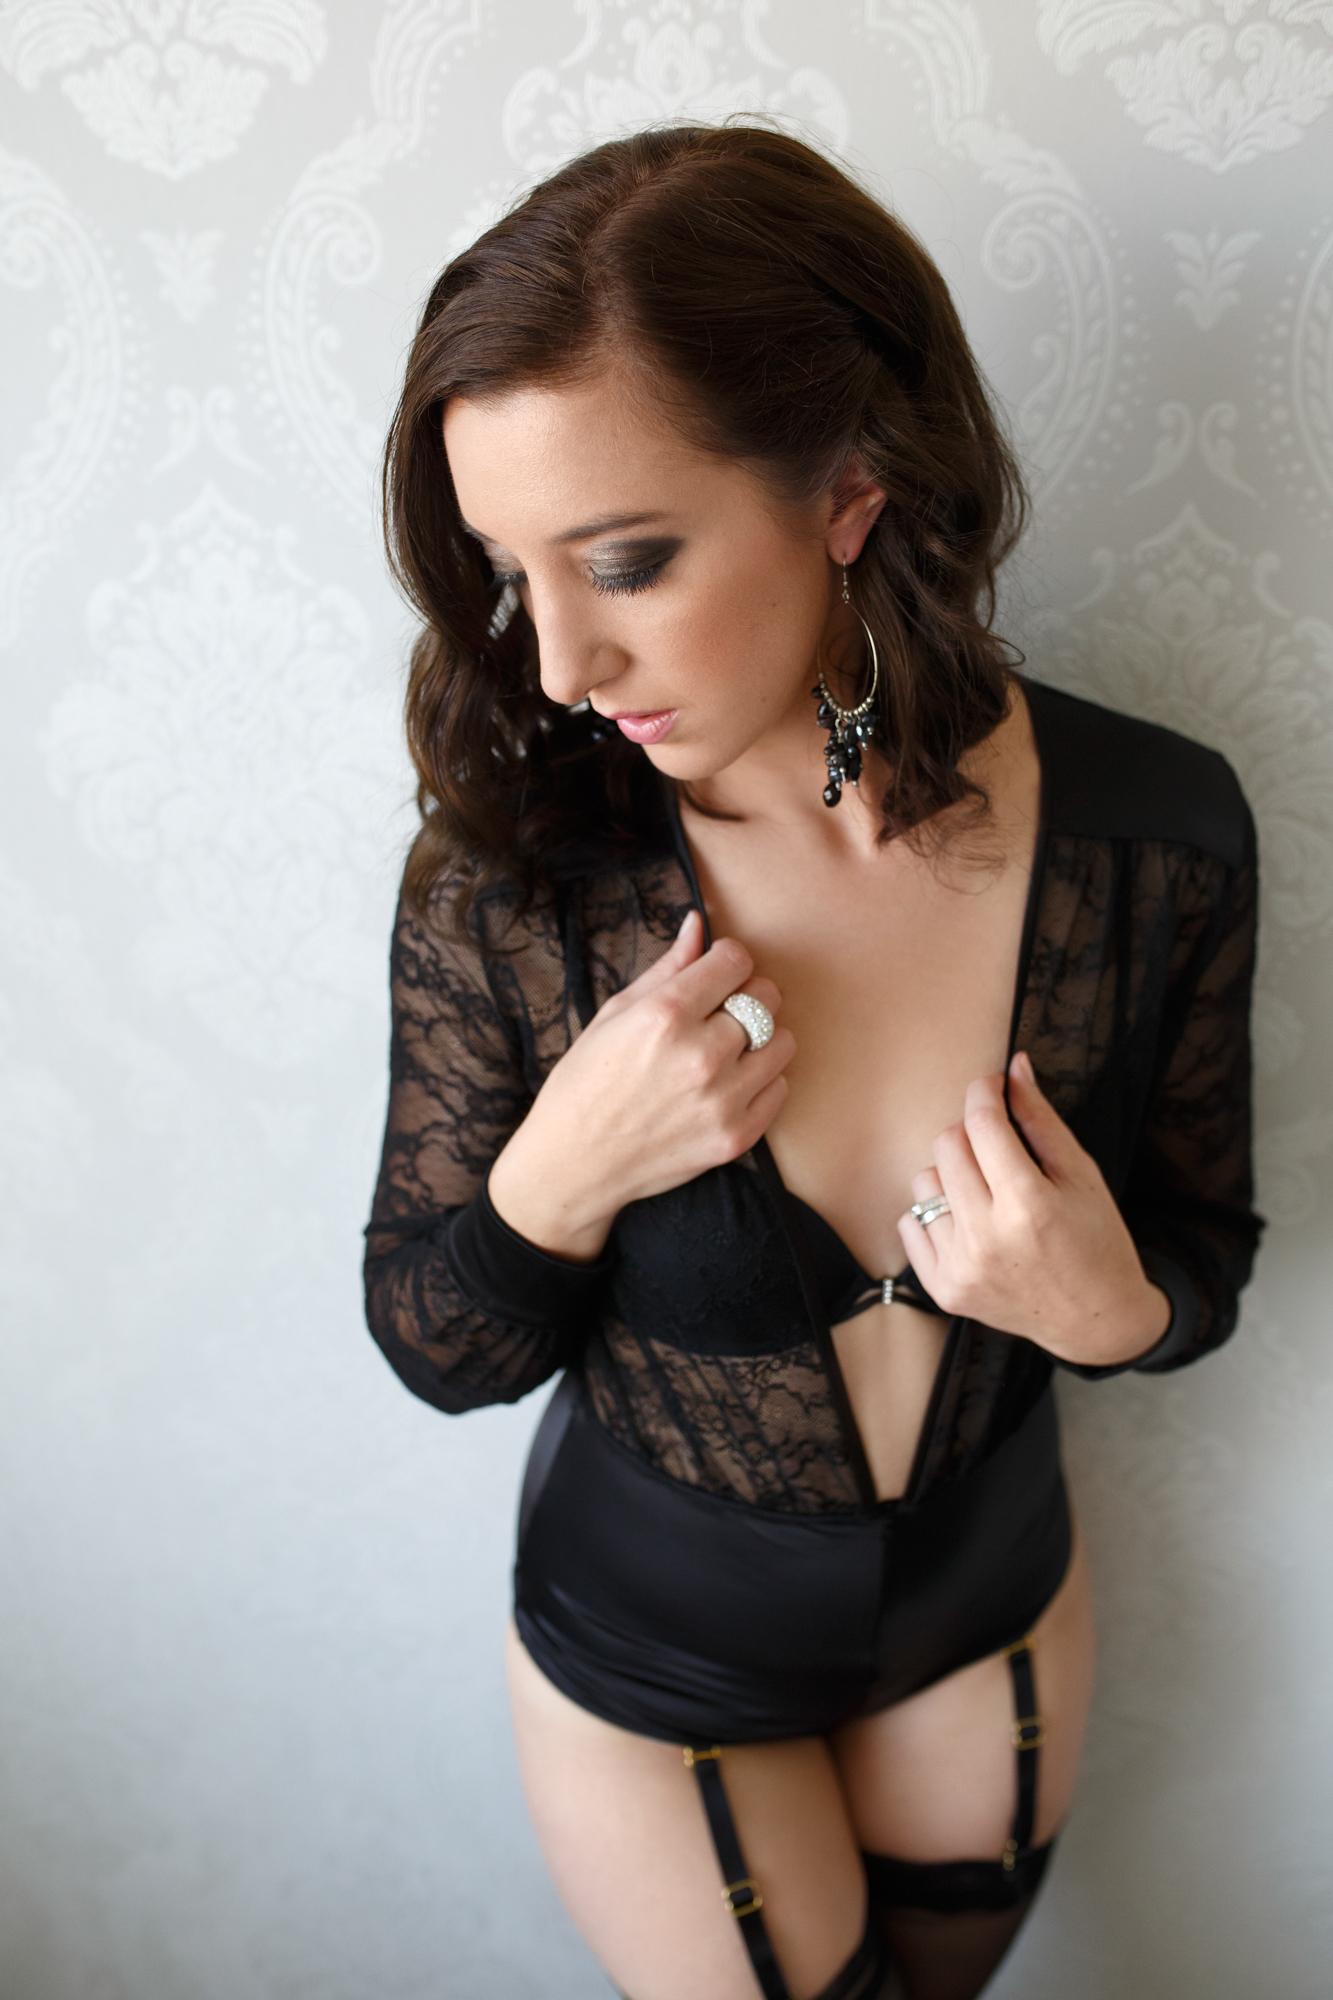 boudoirphoto-31.jpg